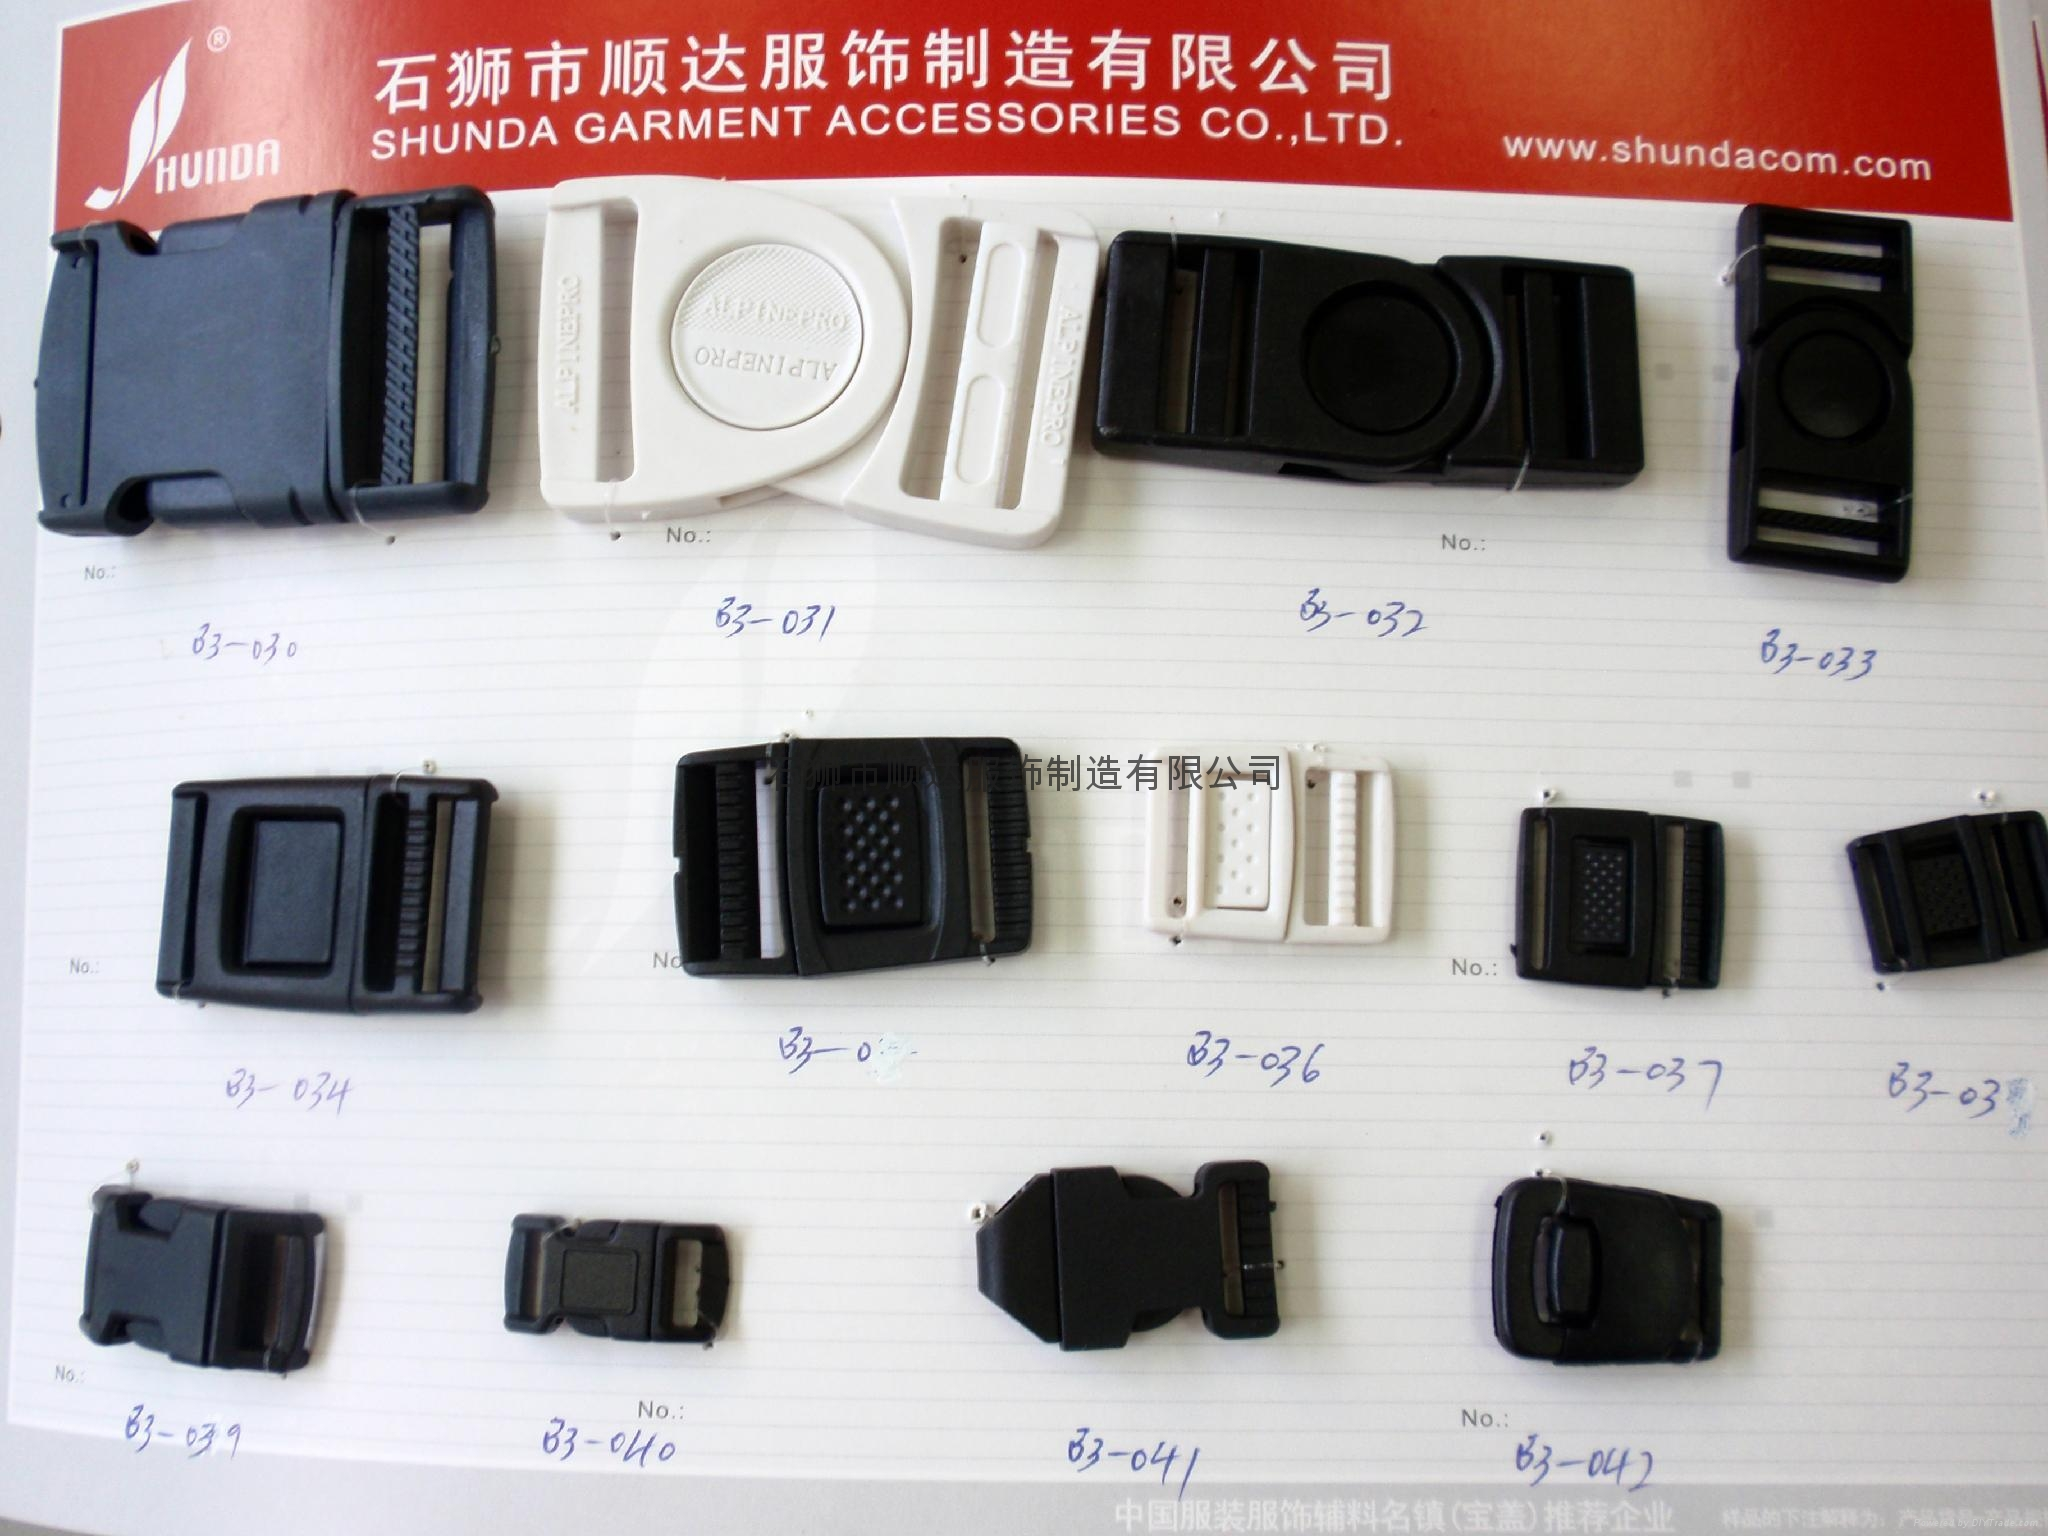 厂家直销塑料背包扣箱包配件塑胶插扣功能扣具卡扣安全扣登山扣具 4